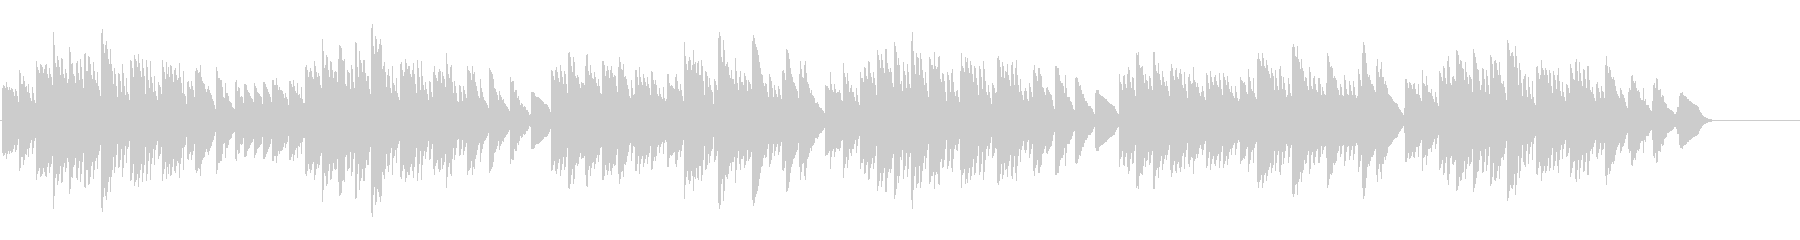 キラキラ星変奏曲(Var Ⅰ)オルゴールの未再生の波形